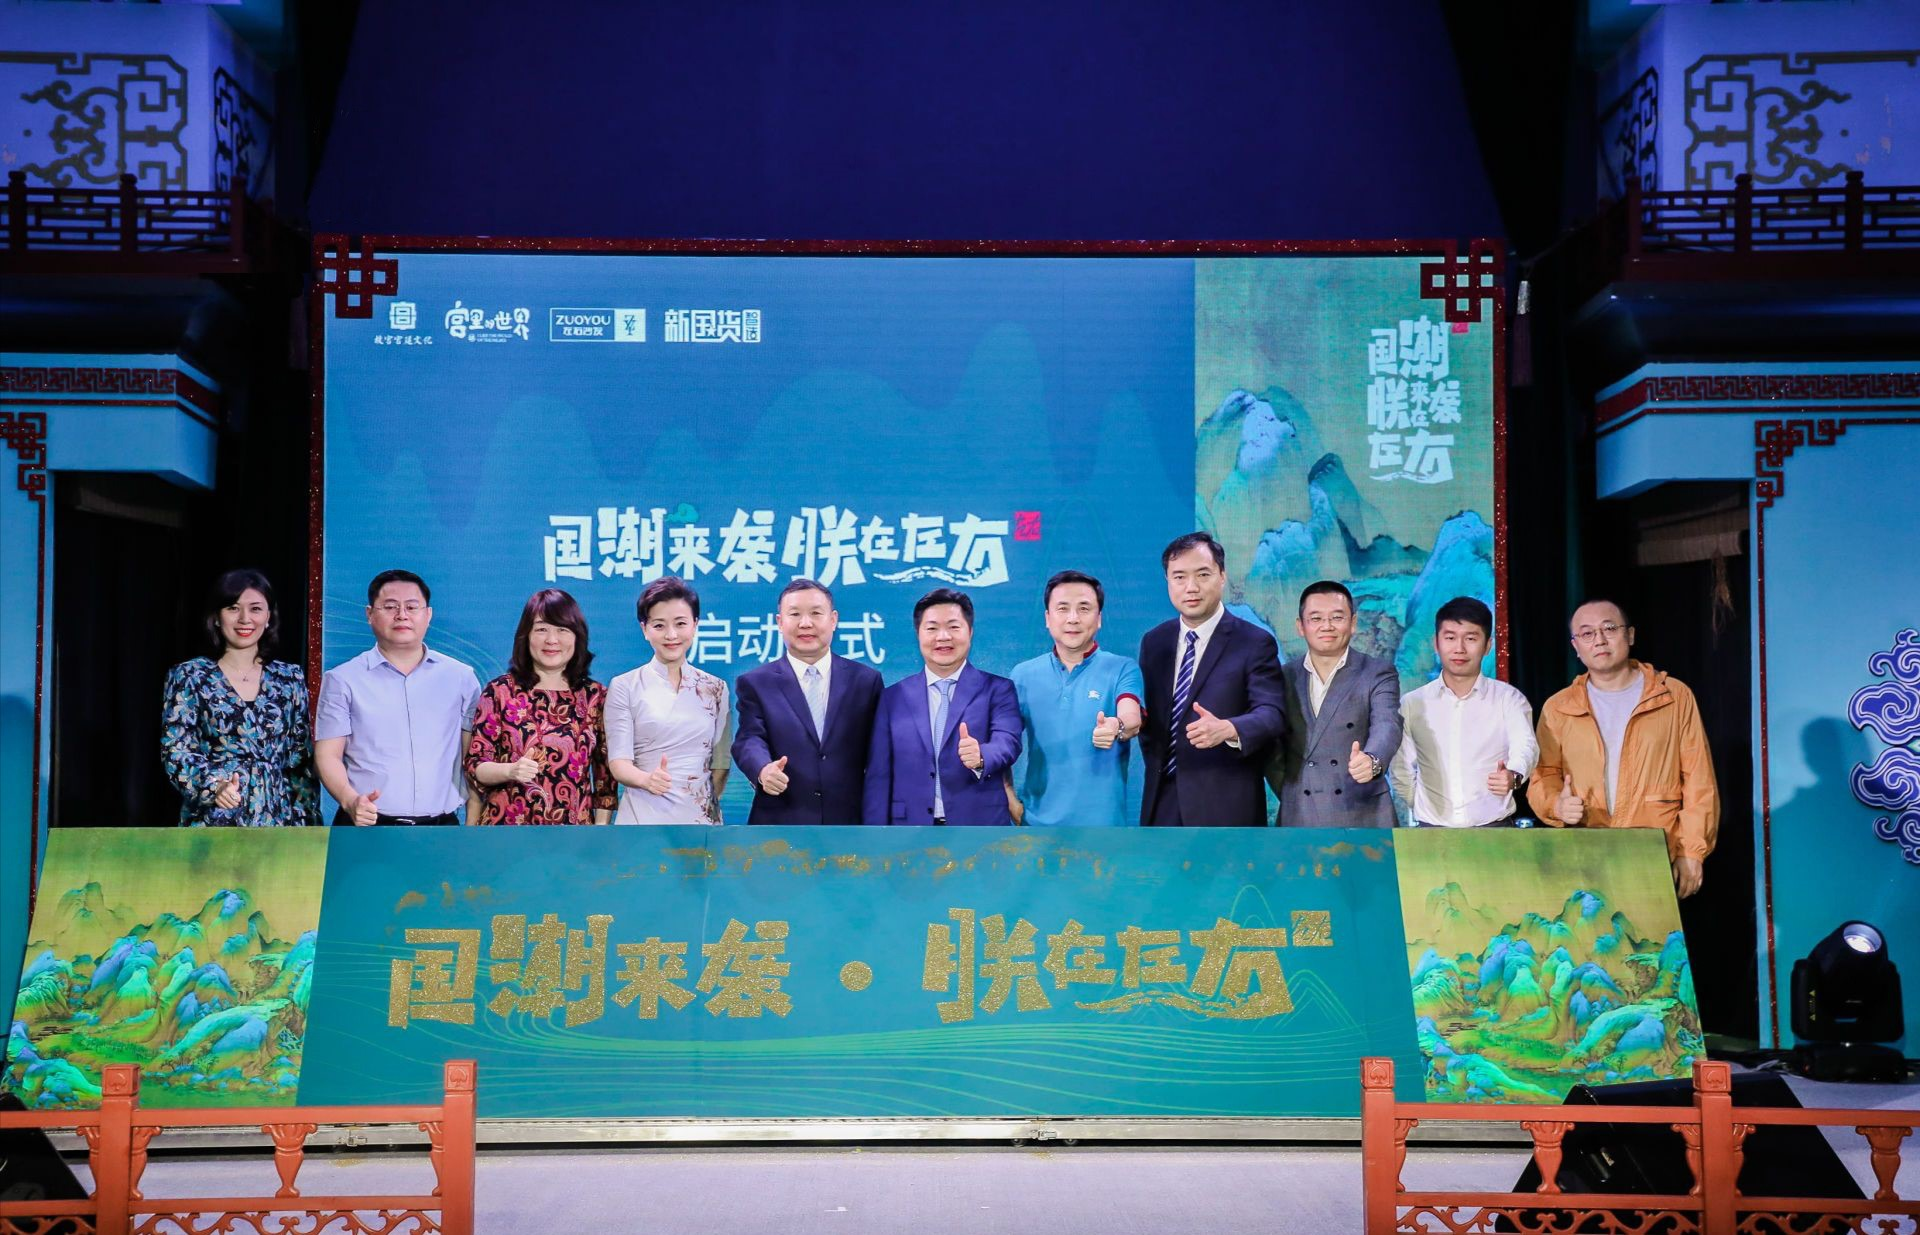 <b>故宫宫廷文化×左右沙发发布联名系列产品 京东成全网首发平台</b>